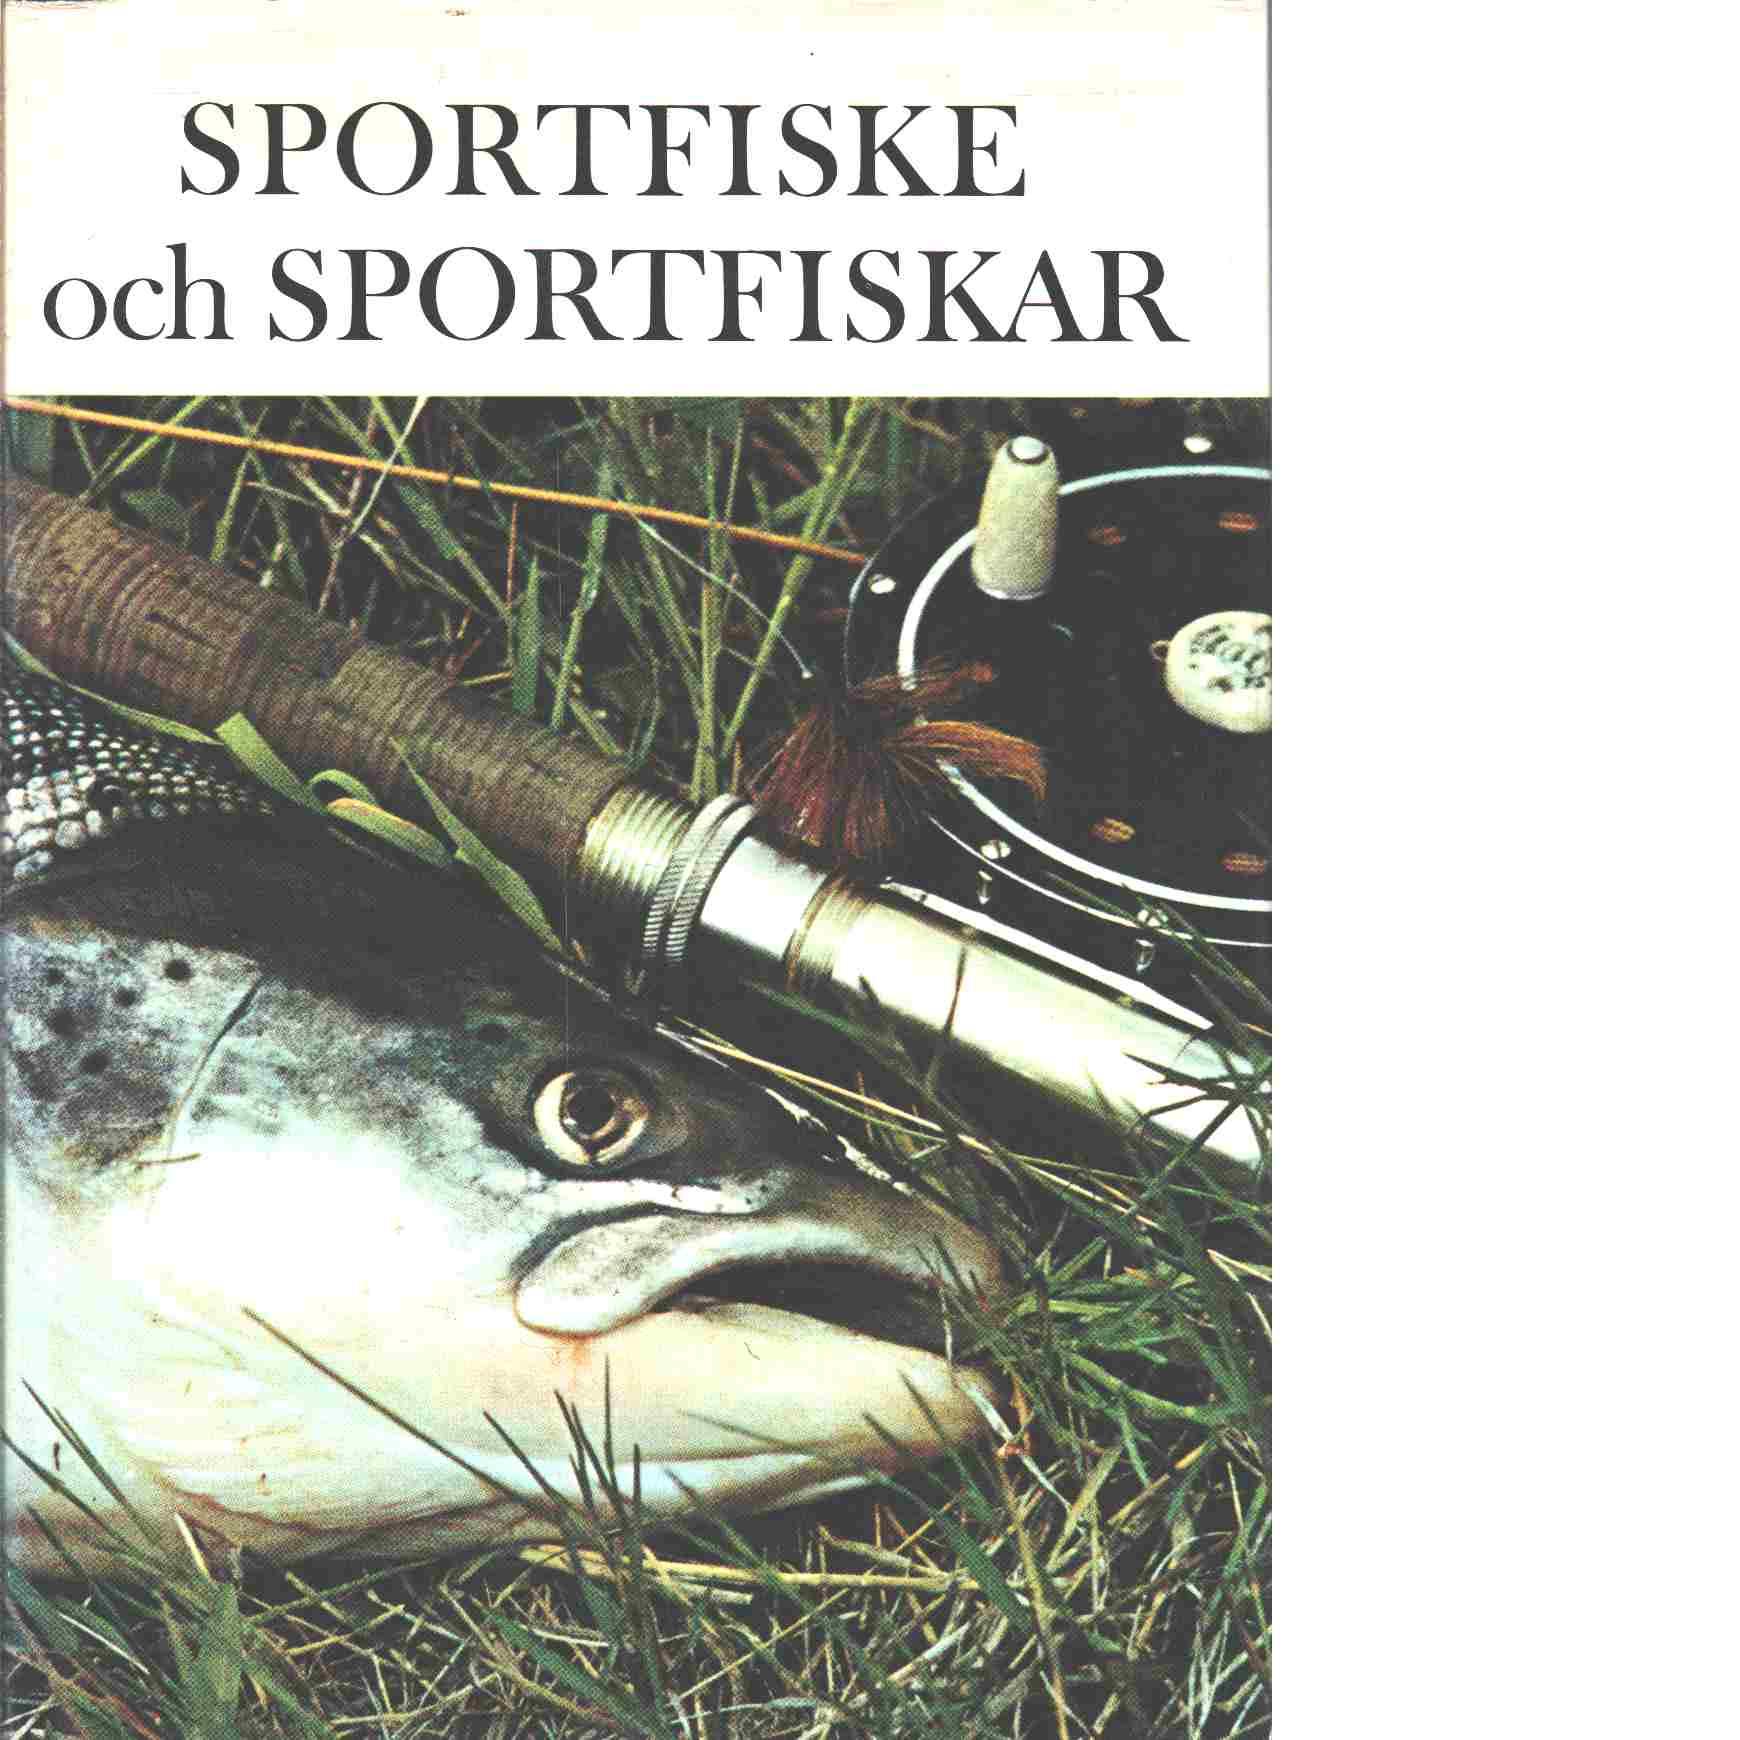 Sportfiske och sportfiskar - Koller, Larry